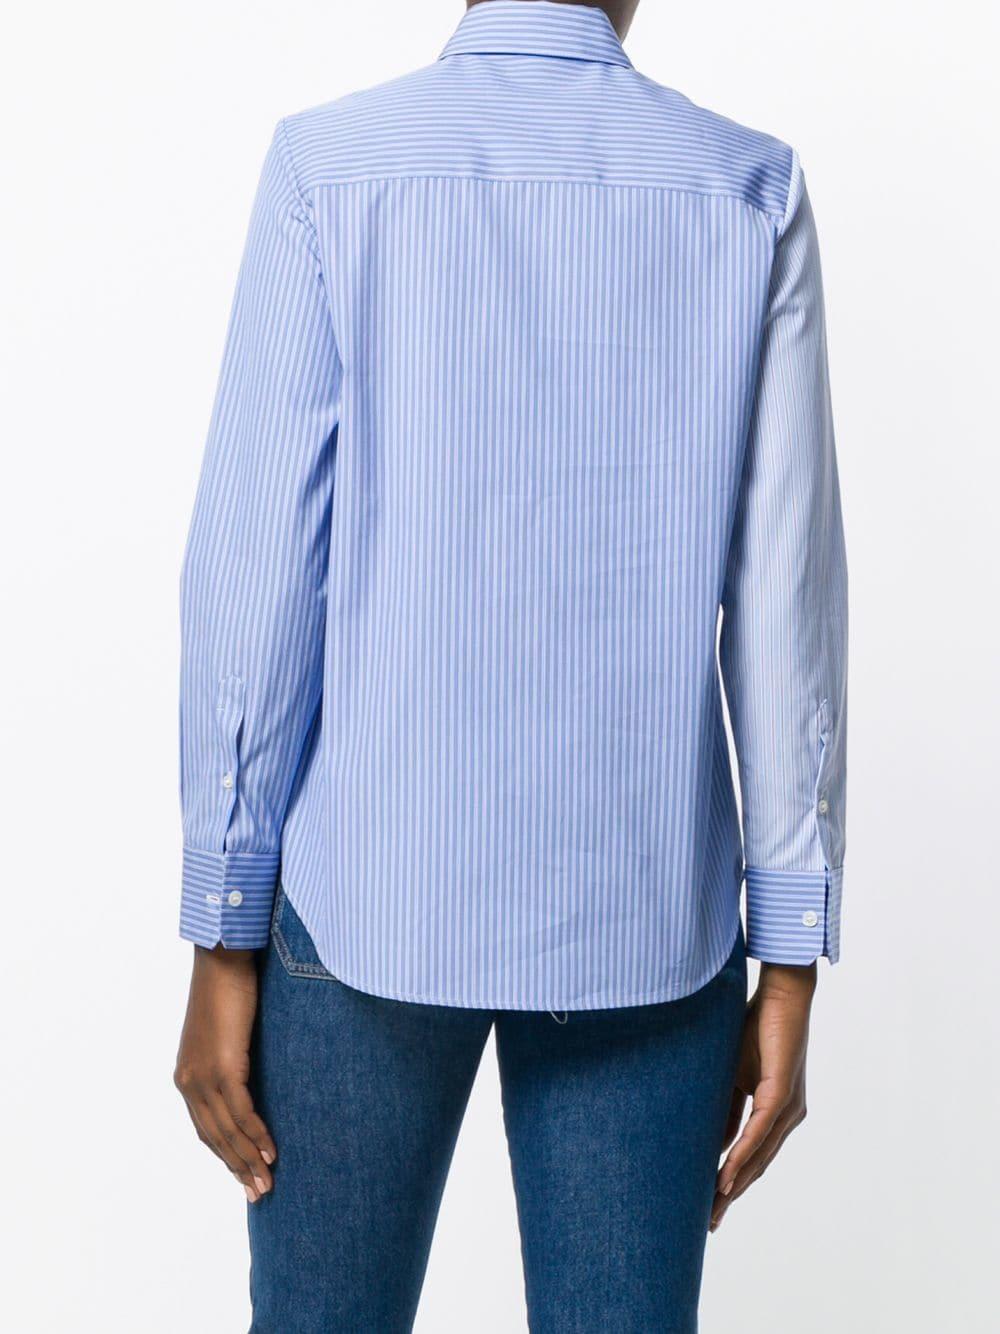 380f4a5d426 ... Light Blue Vertical Striped Dress Shirts Golden Goose Deluxe Brand Bi  Colour Stripe Asymmetric Shirt ...